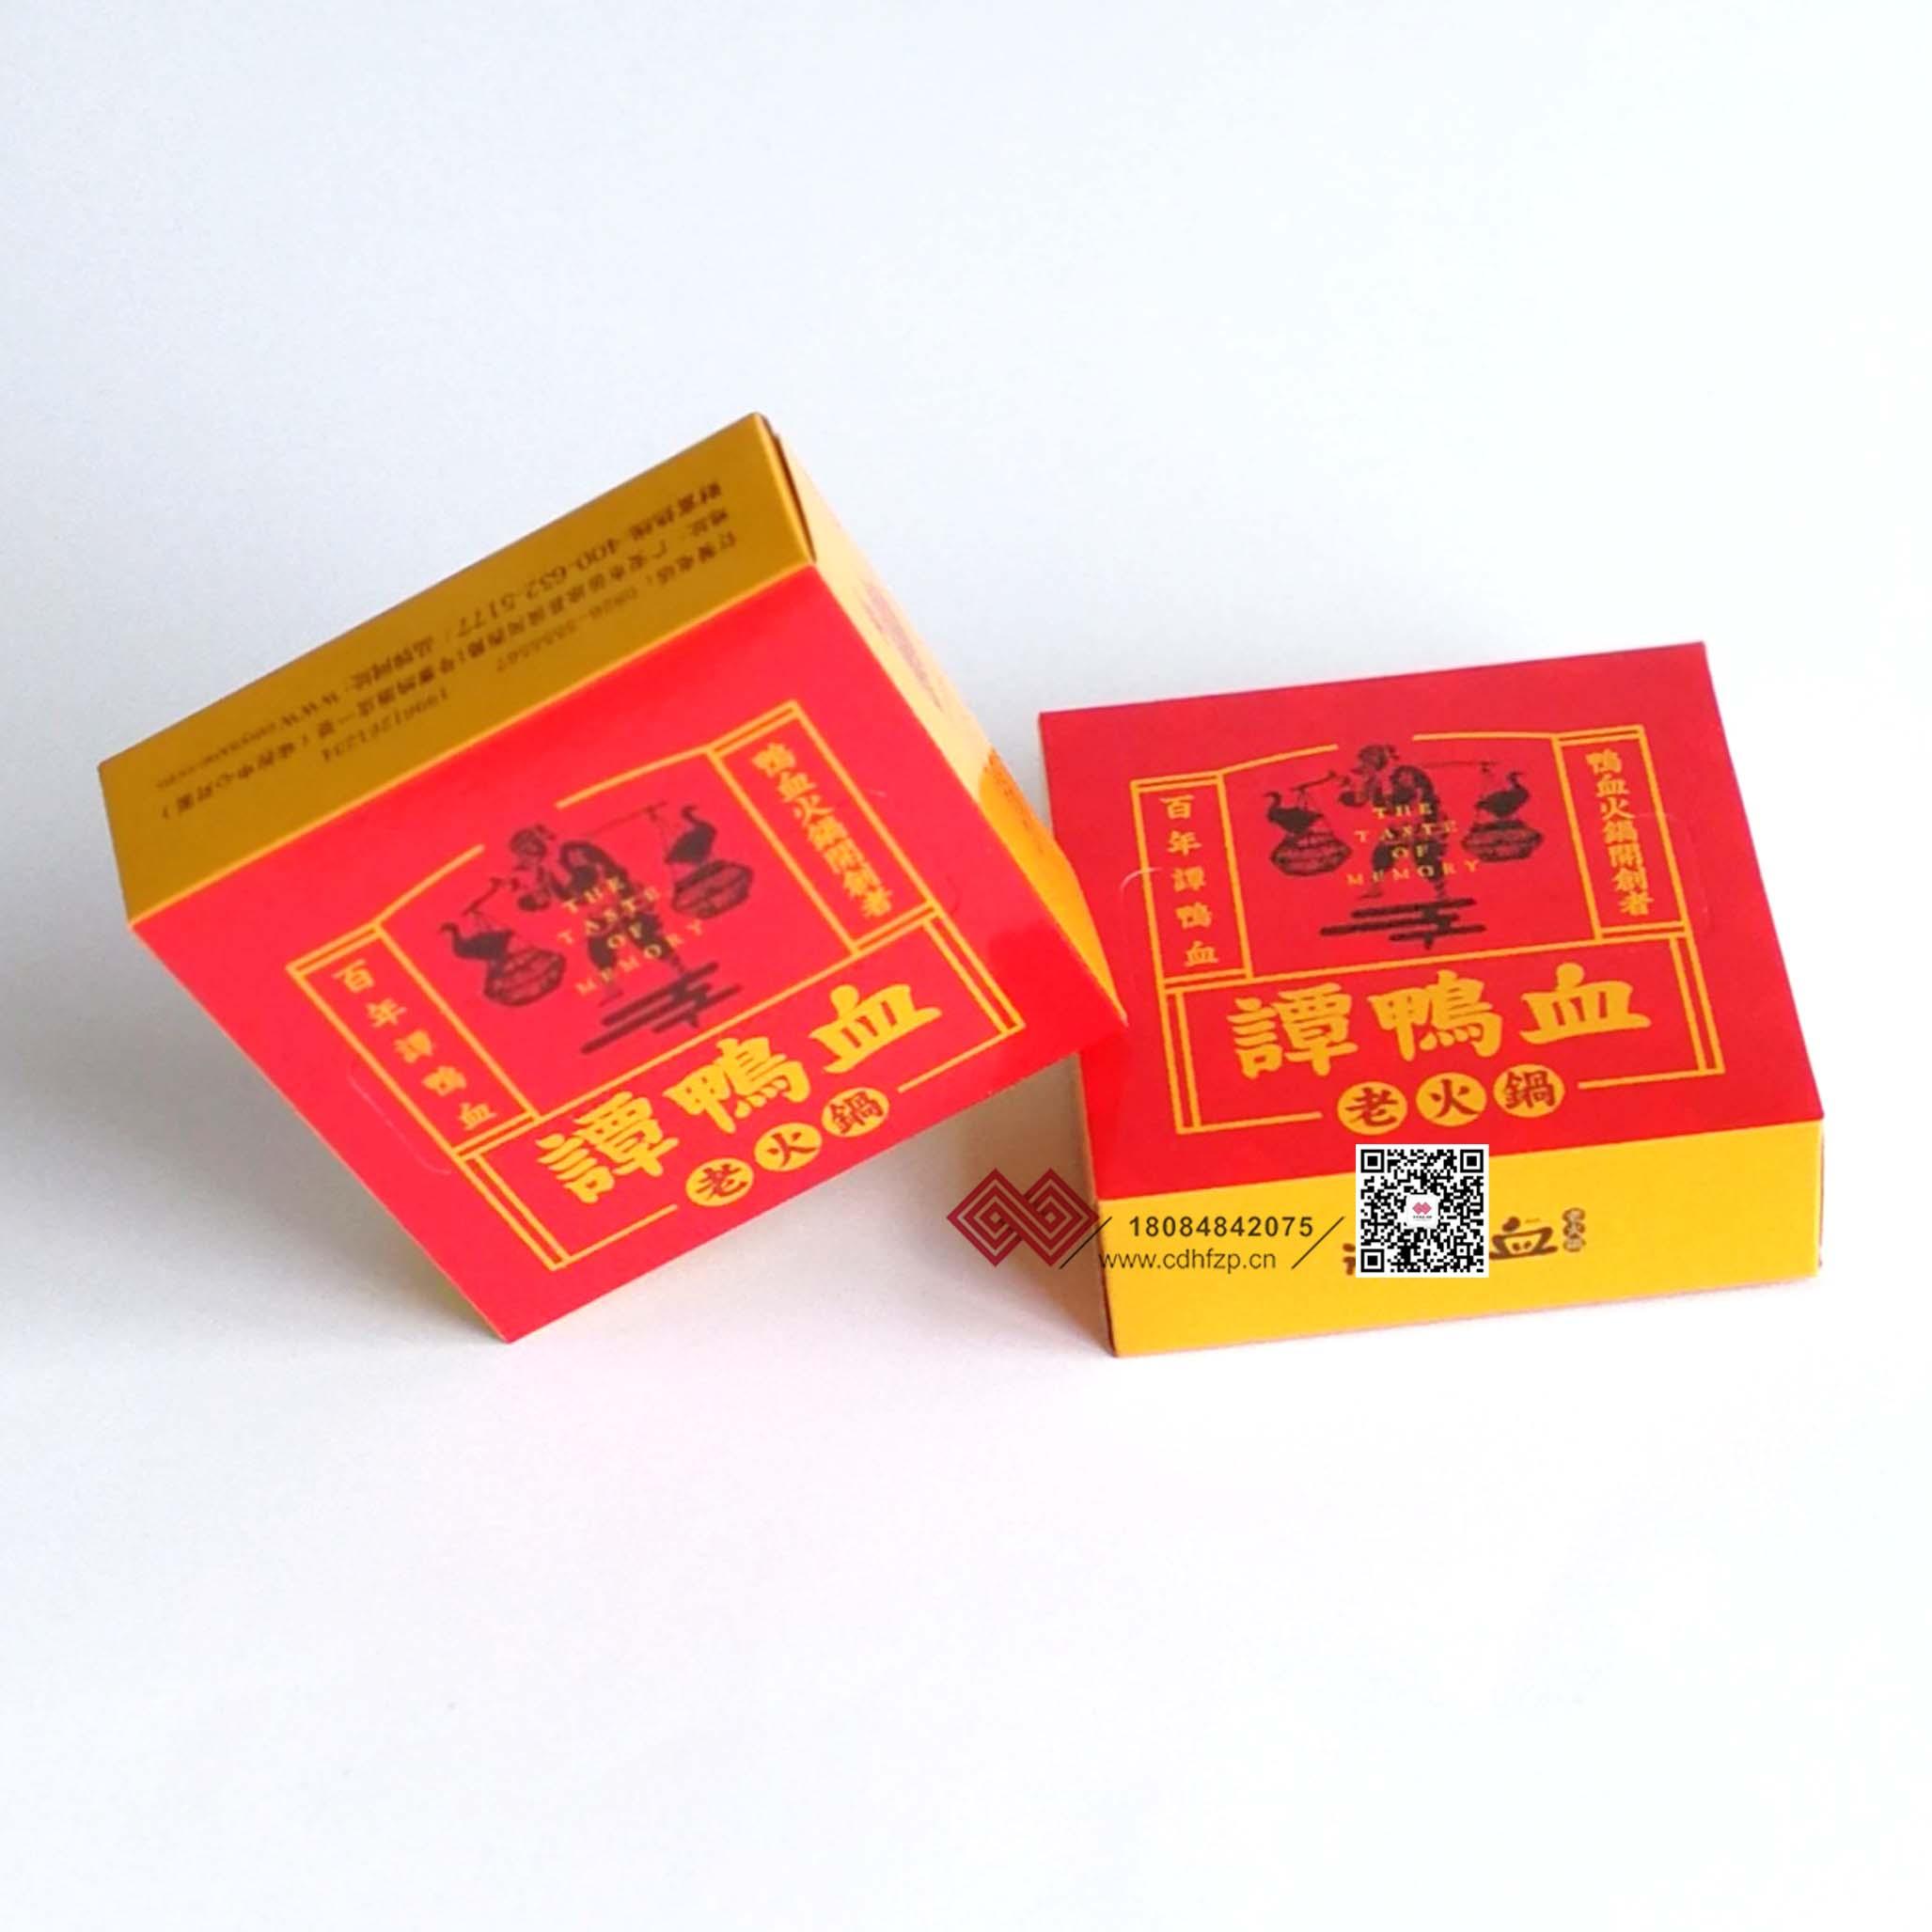 成都酒吧盒装纸巾+餐厅餐巾纸+KTV火锅店广告抽纸定做批售☚